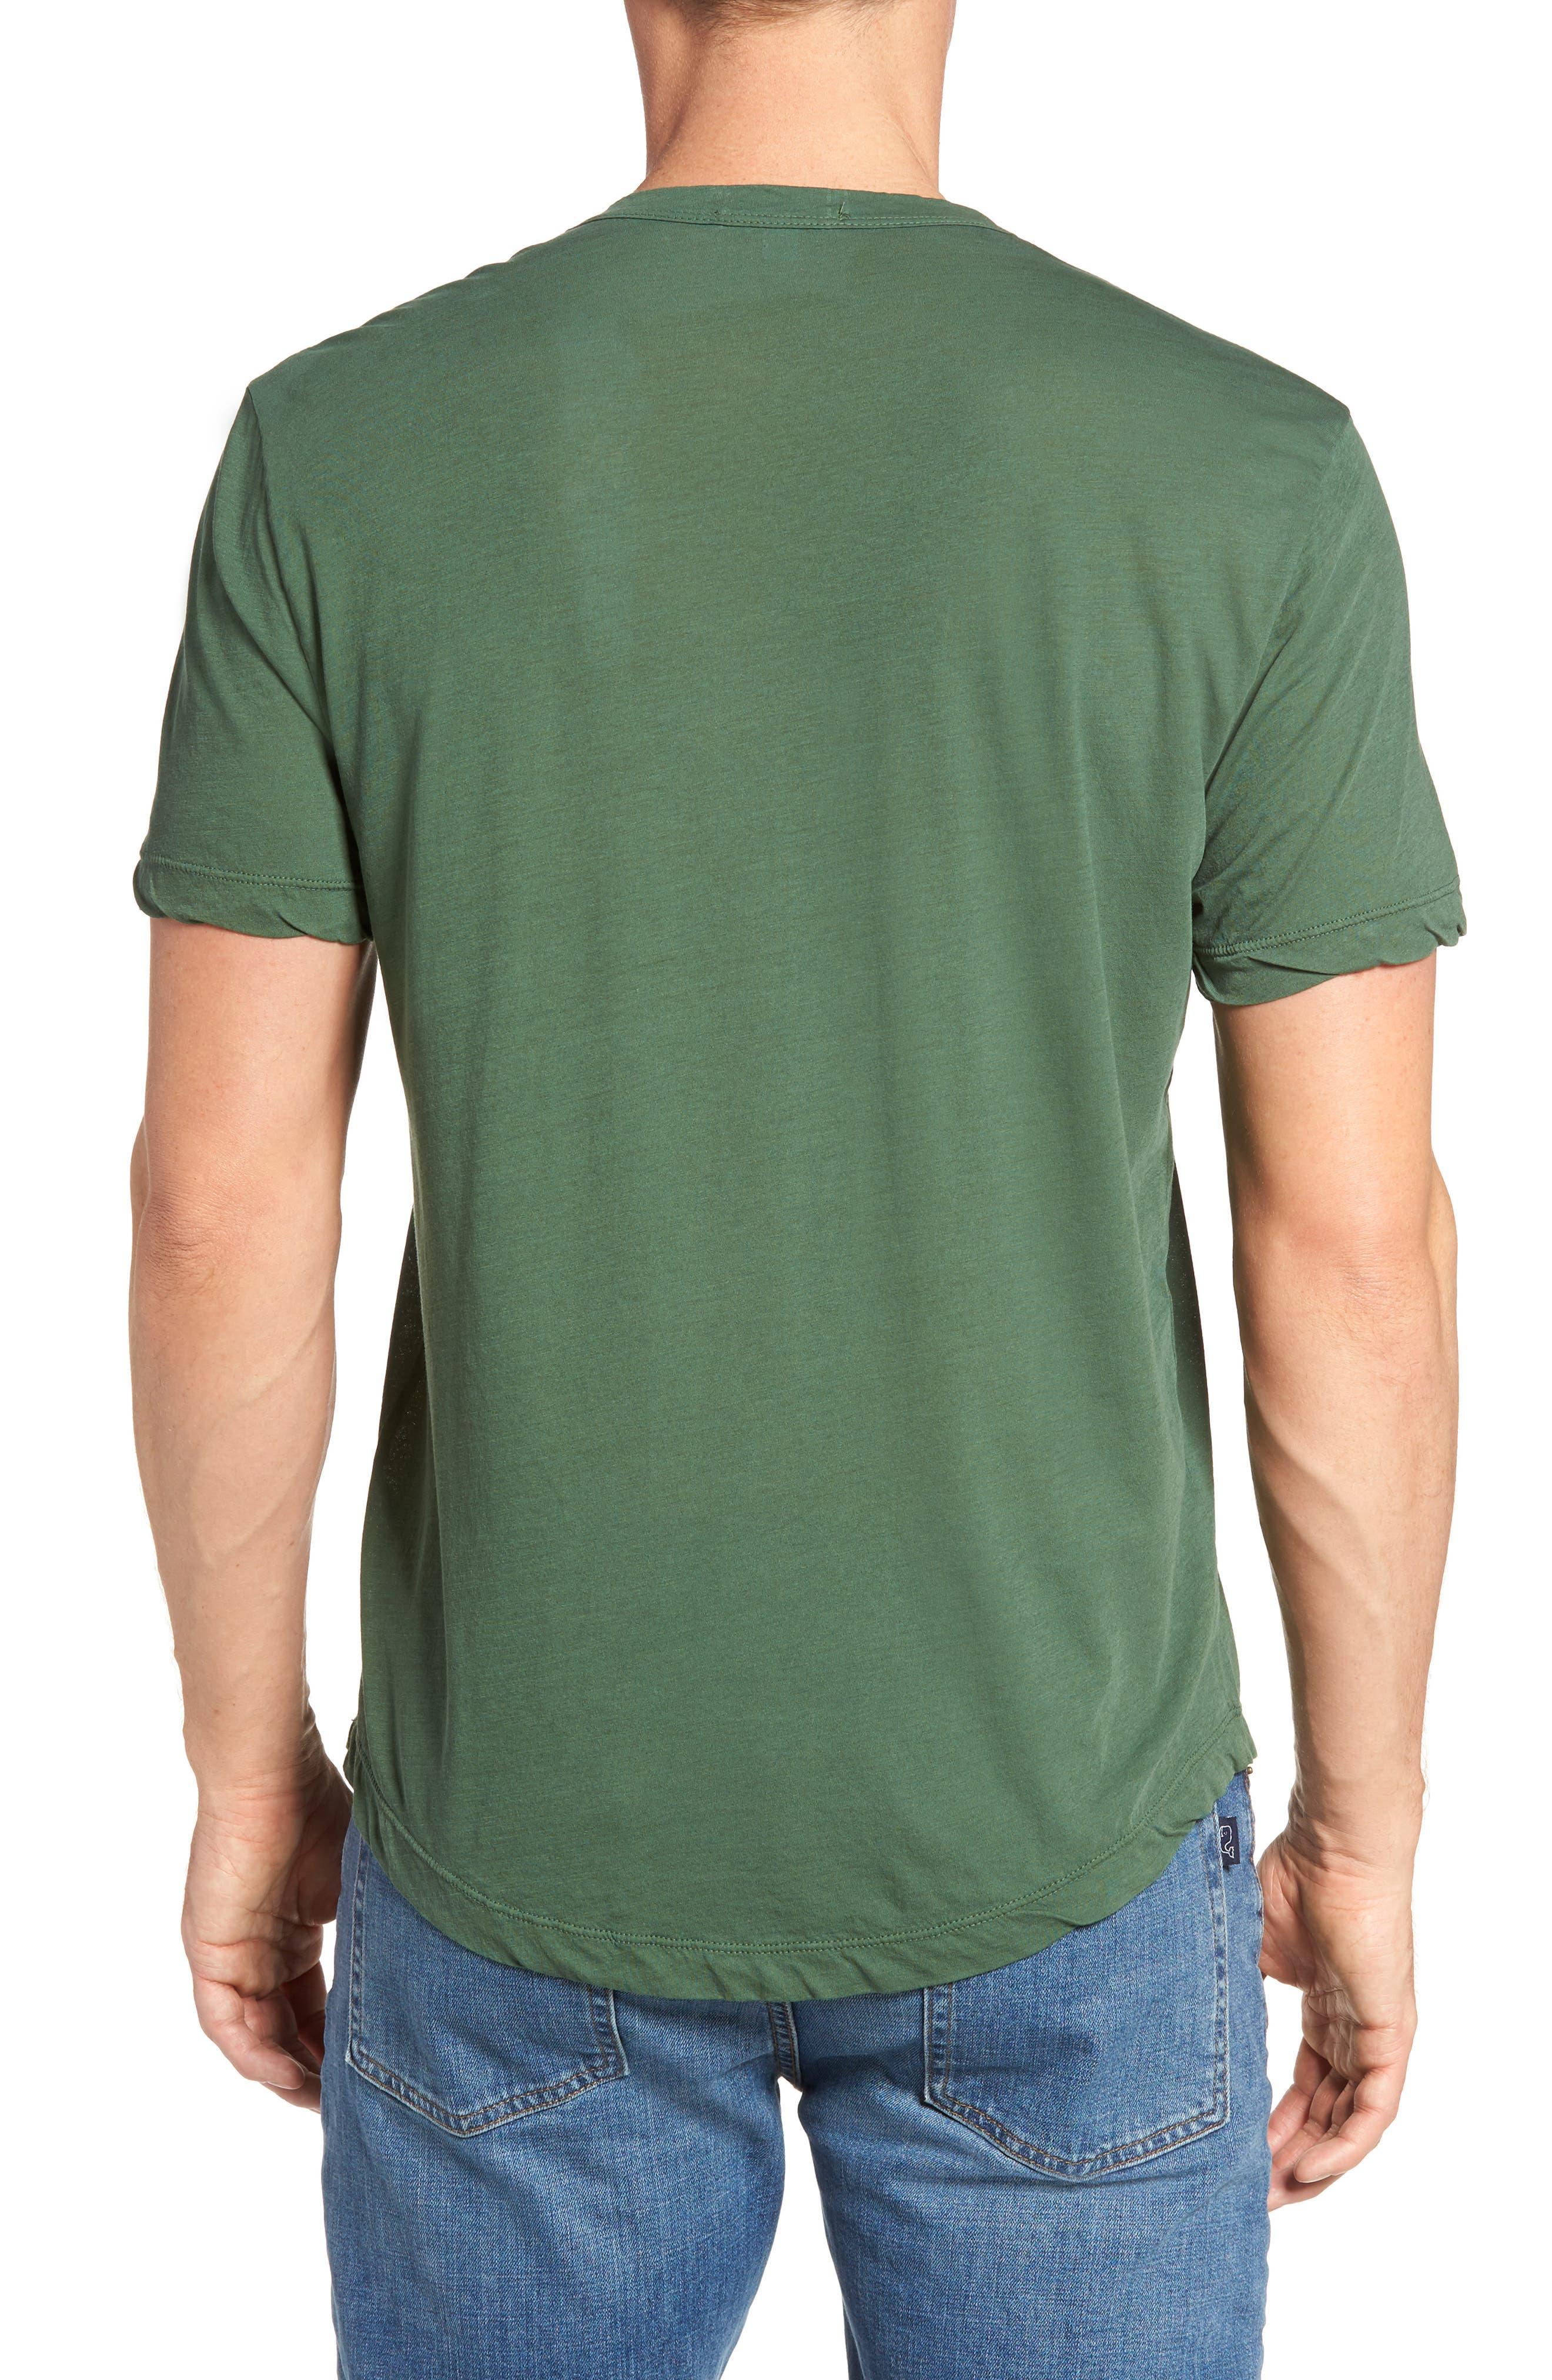 Alternate Image 2  - James Perse Crewneck Jersey T-Shirt